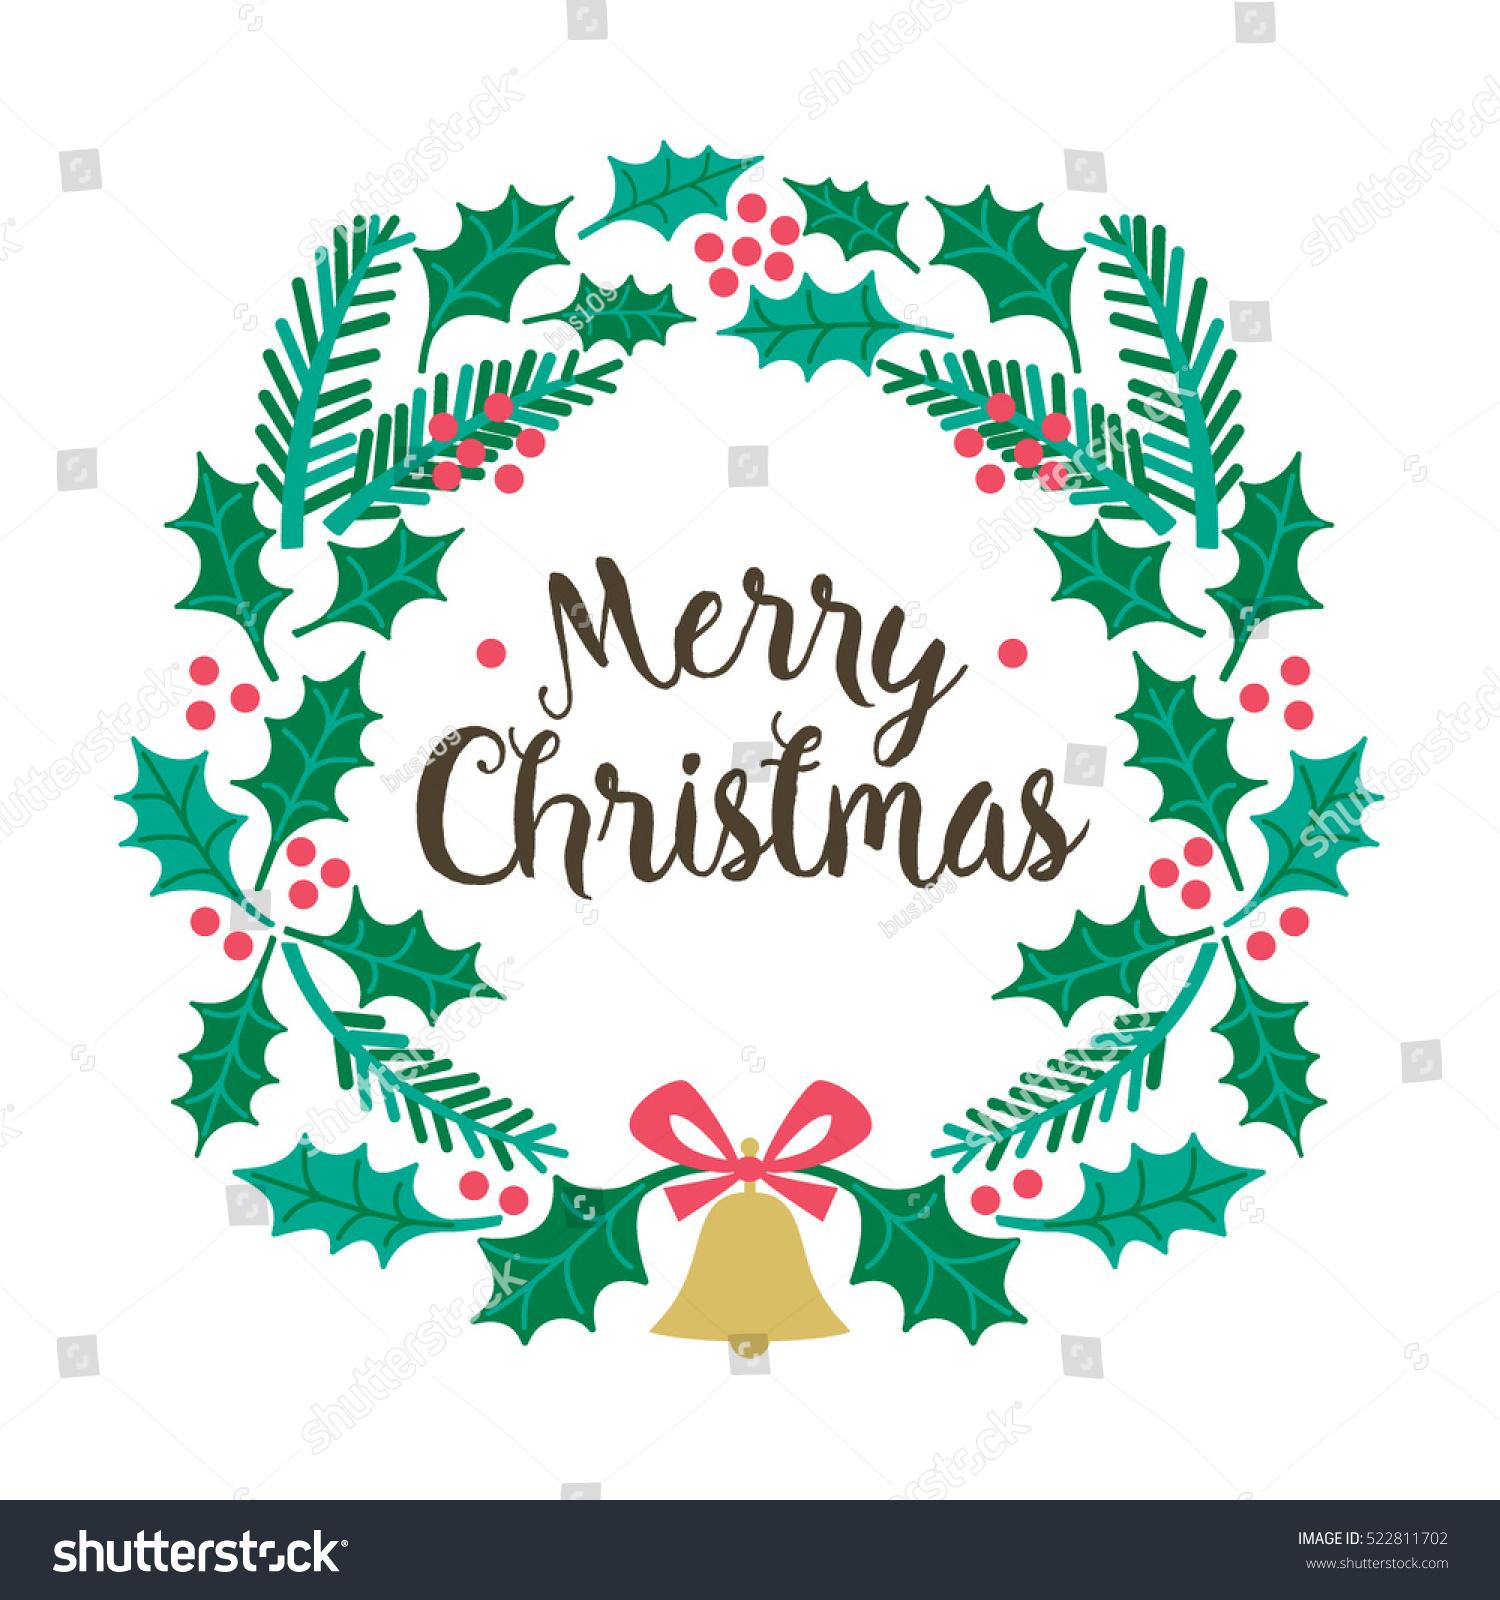 Merry Christmas Card Design Christmas Wreath Stock Vector 522811702